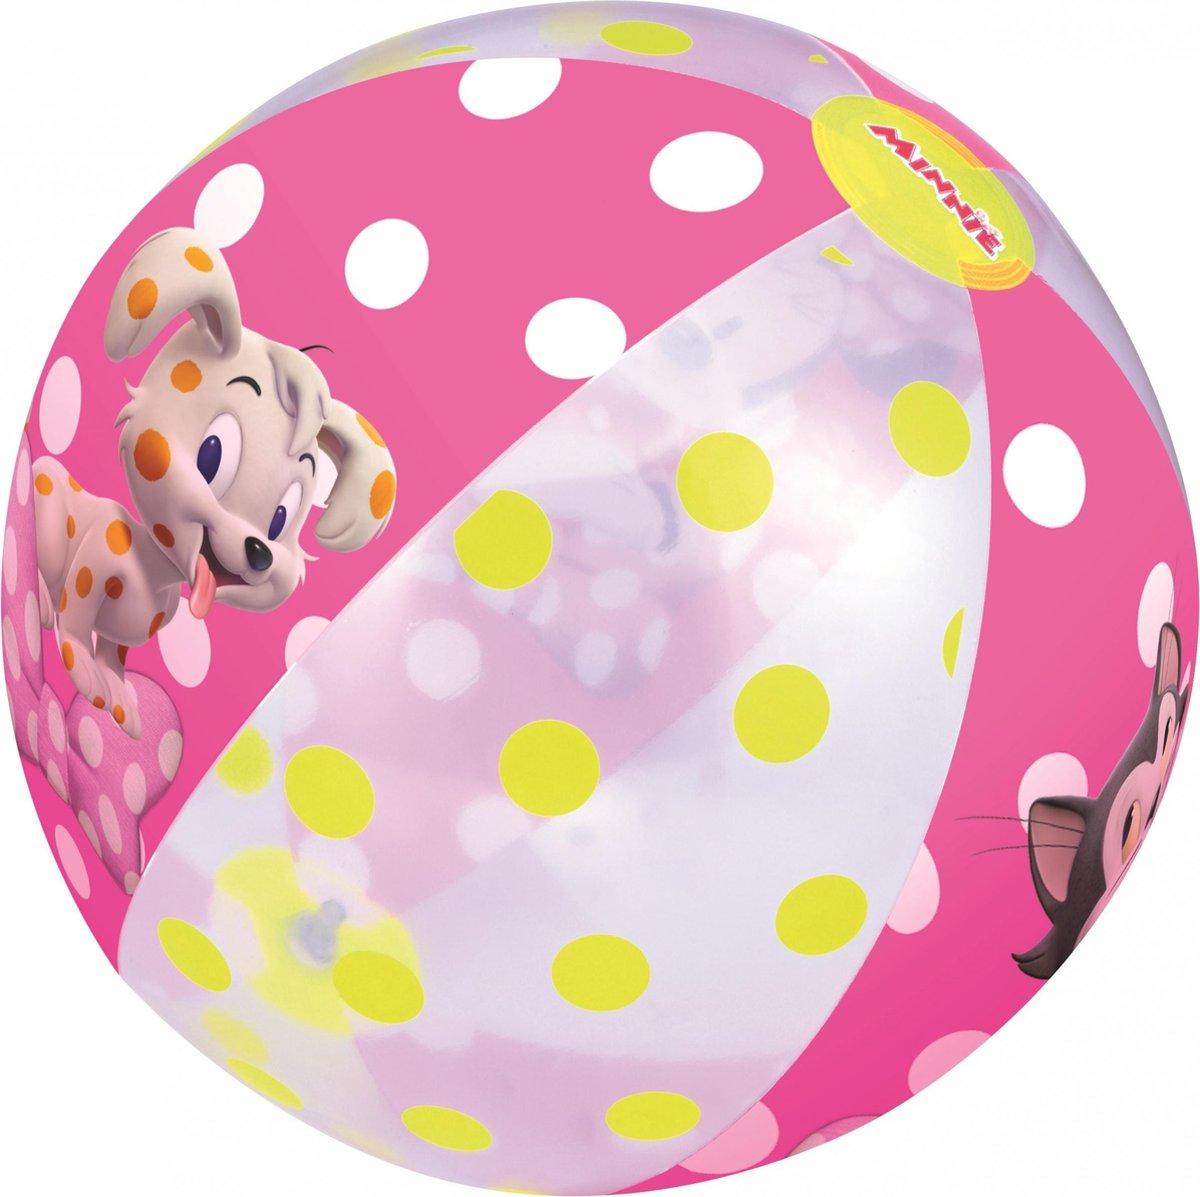 Bestway Strandbal Minnie Mouse 51 Cm Paars